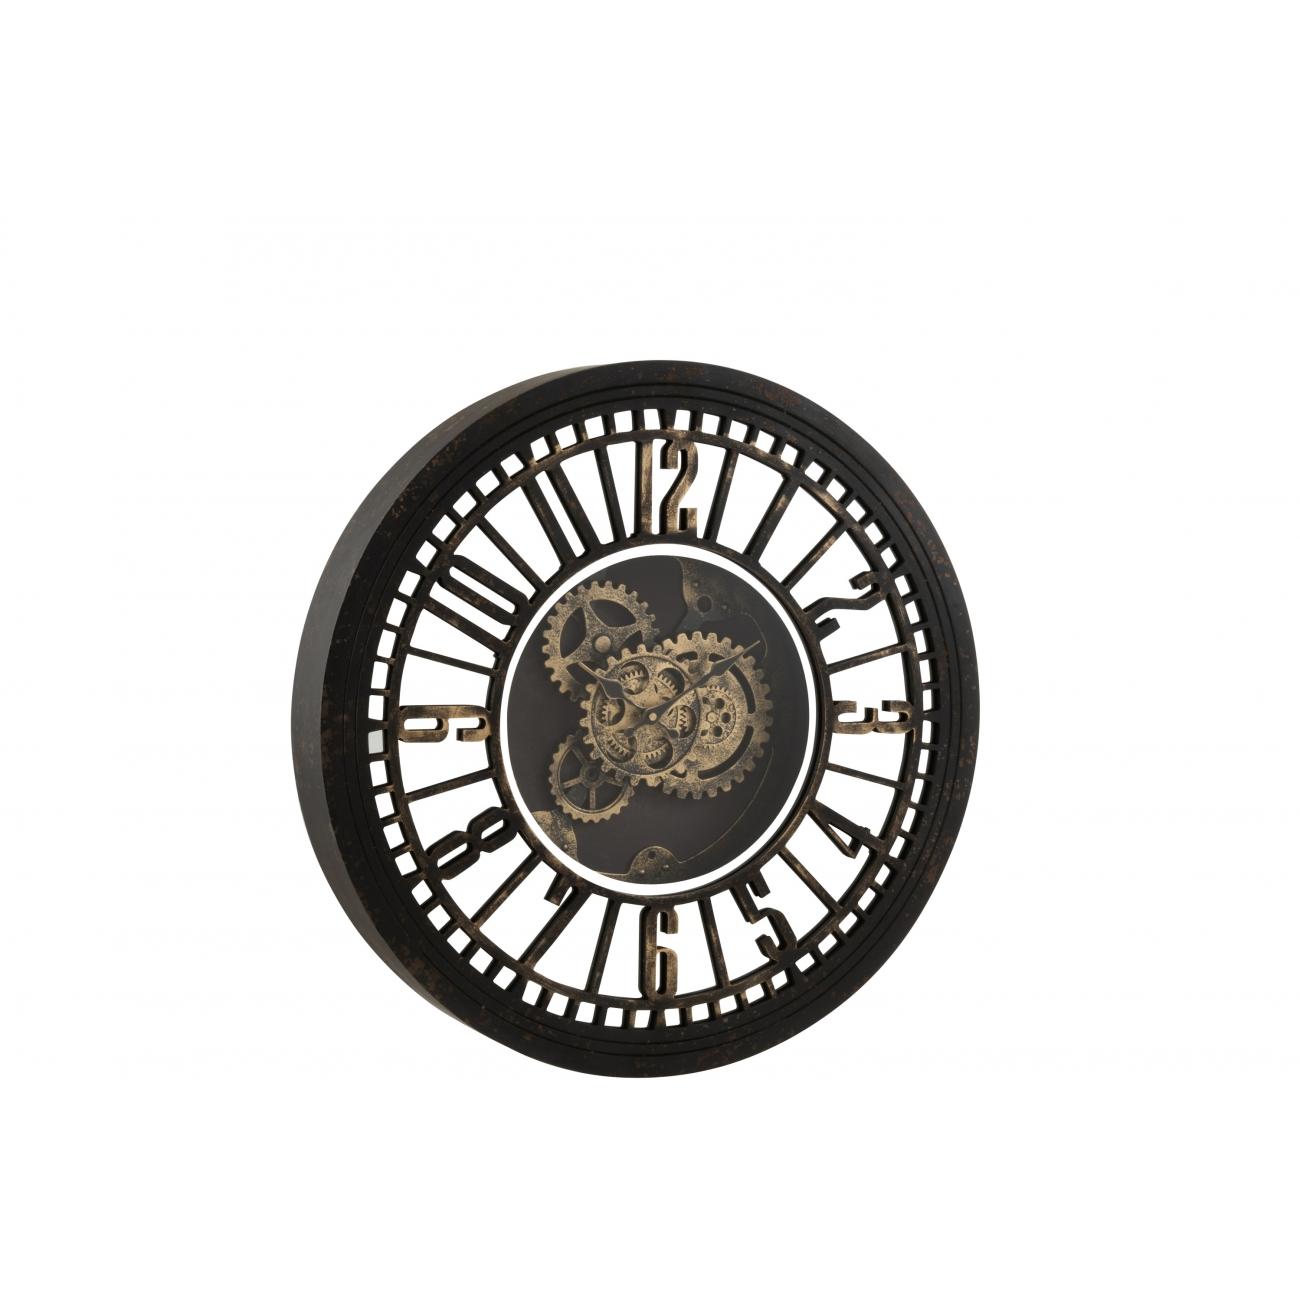 Настенные часы J-LINE круглые в металлическом корпусе зеркальные с видимым механизмом диаметр 61 см Бельгия